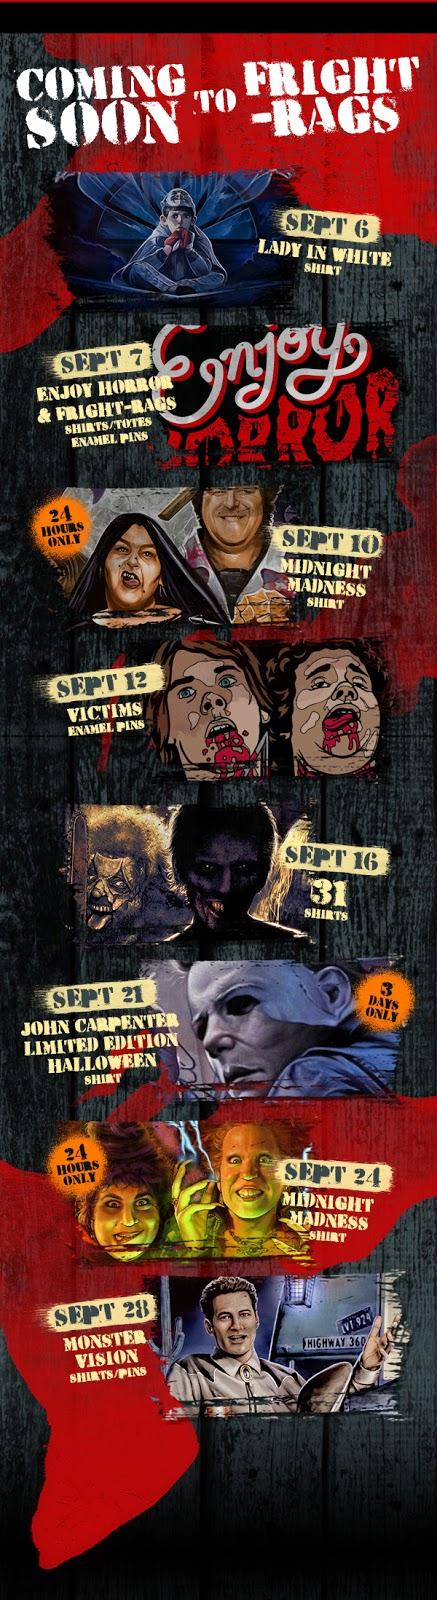 https://www.fright-rags.com/?utm_campaign=0916+-+September+TEASER+%28vU4rNi%29&utm_medium=email&_ke=dGhlaG9ycm9ycGFnZUBnbWFpbC5jb20%3D&utm_source=Fright-Rags